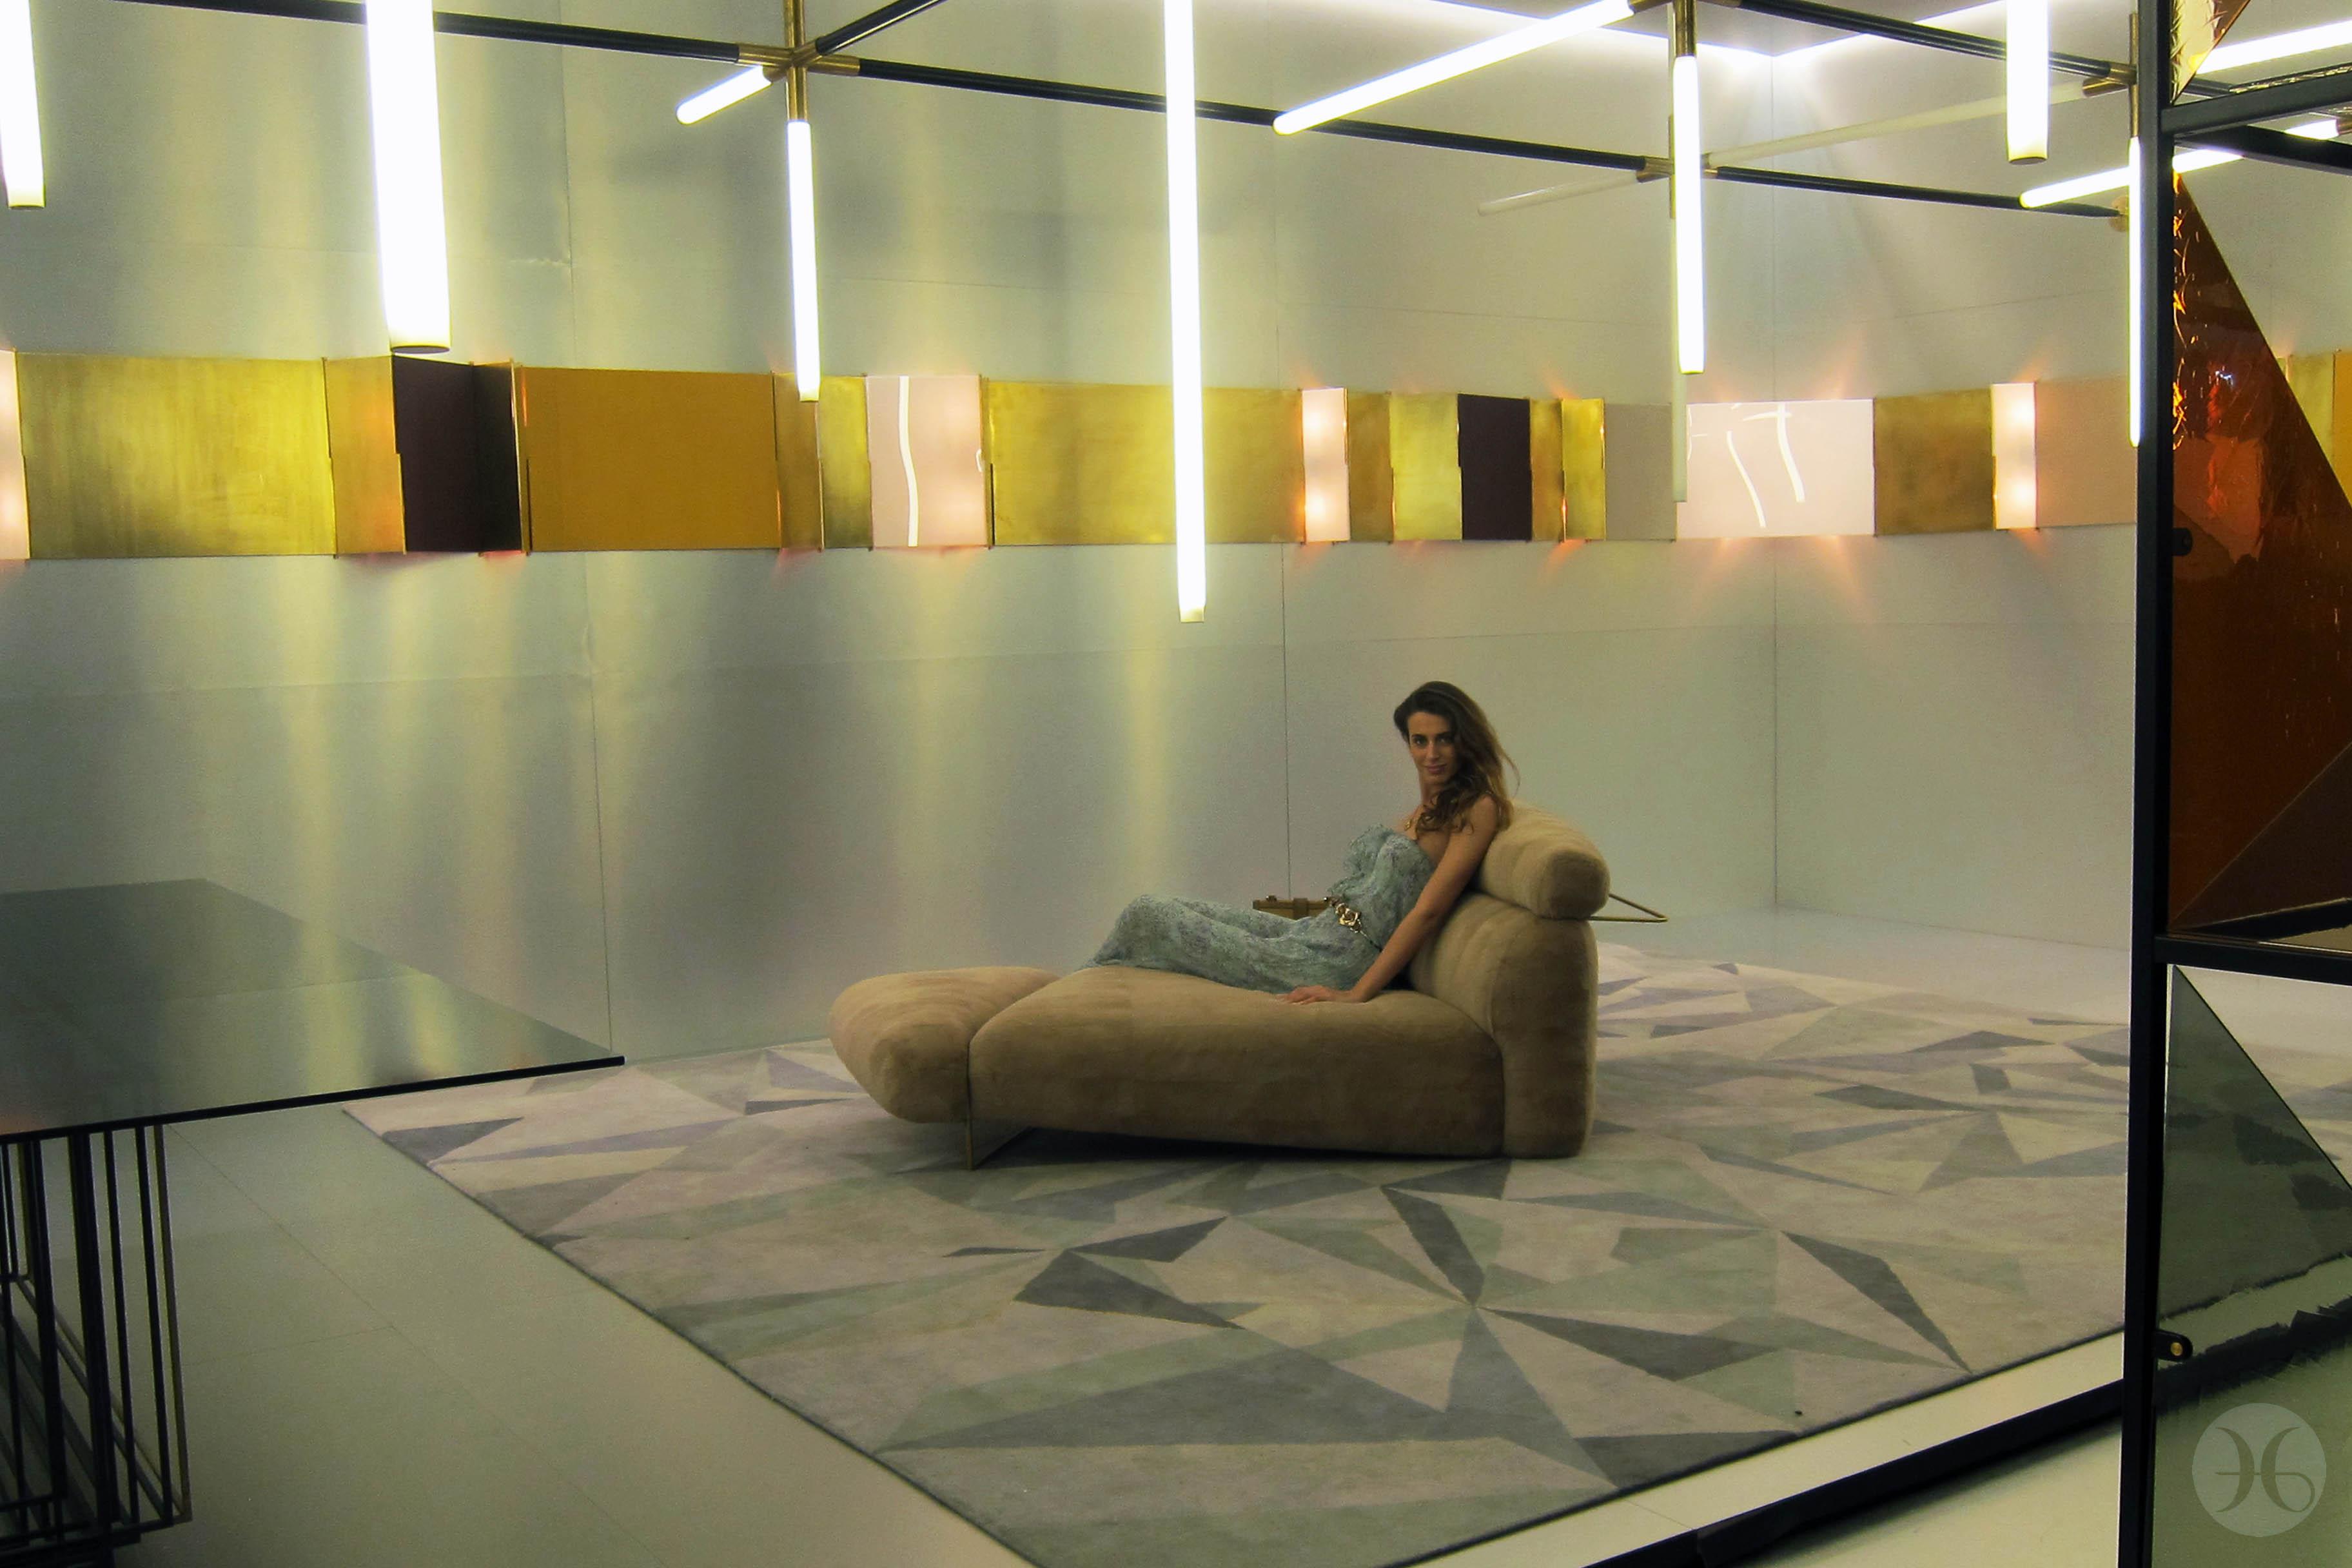 Roman Lounge/ Dimore Studio for Fendi